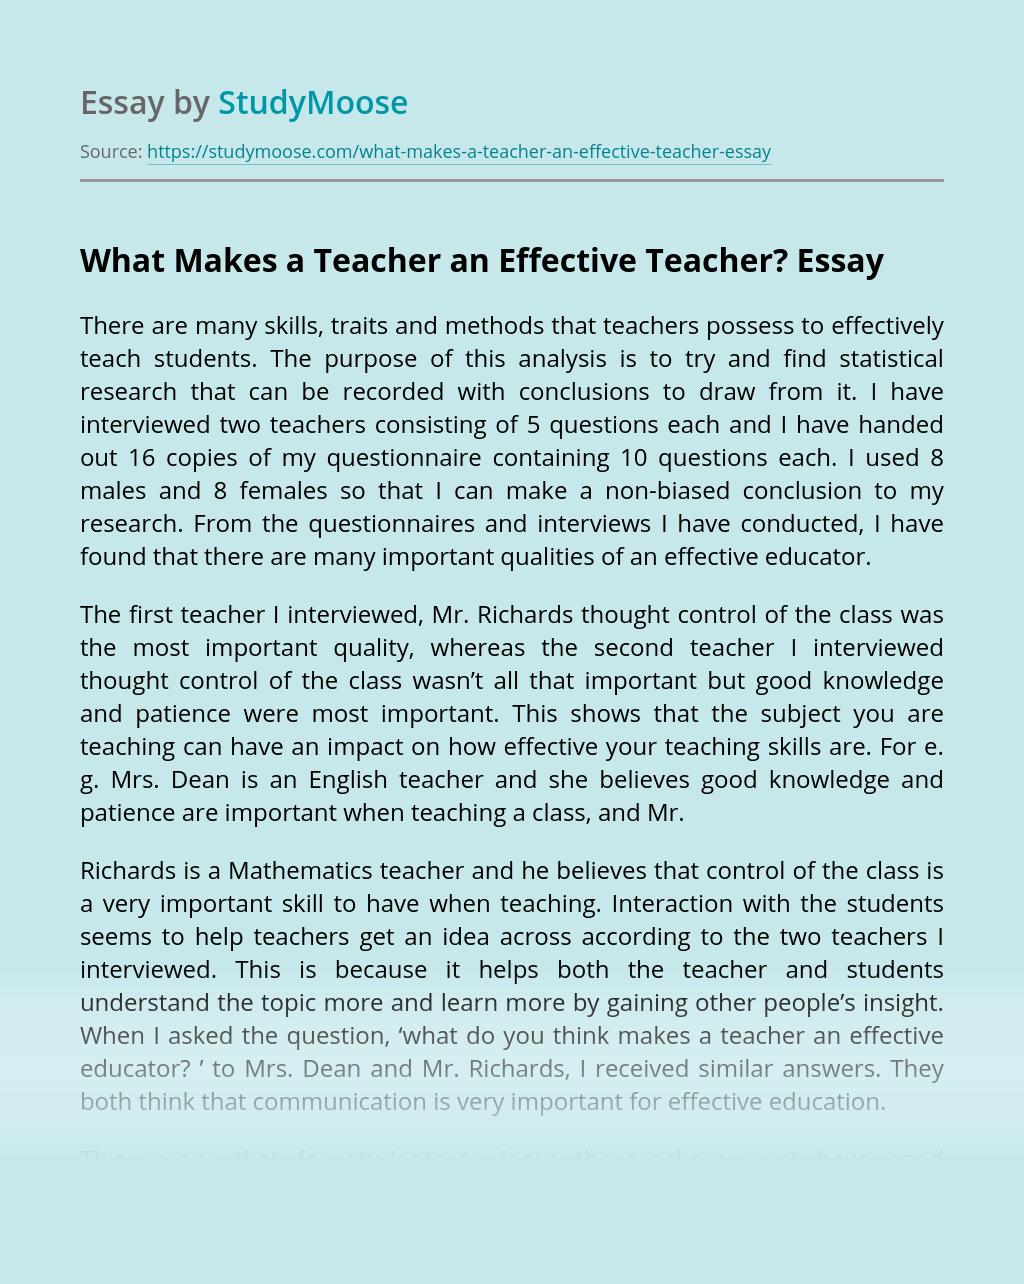 An Effective Teacher Essay